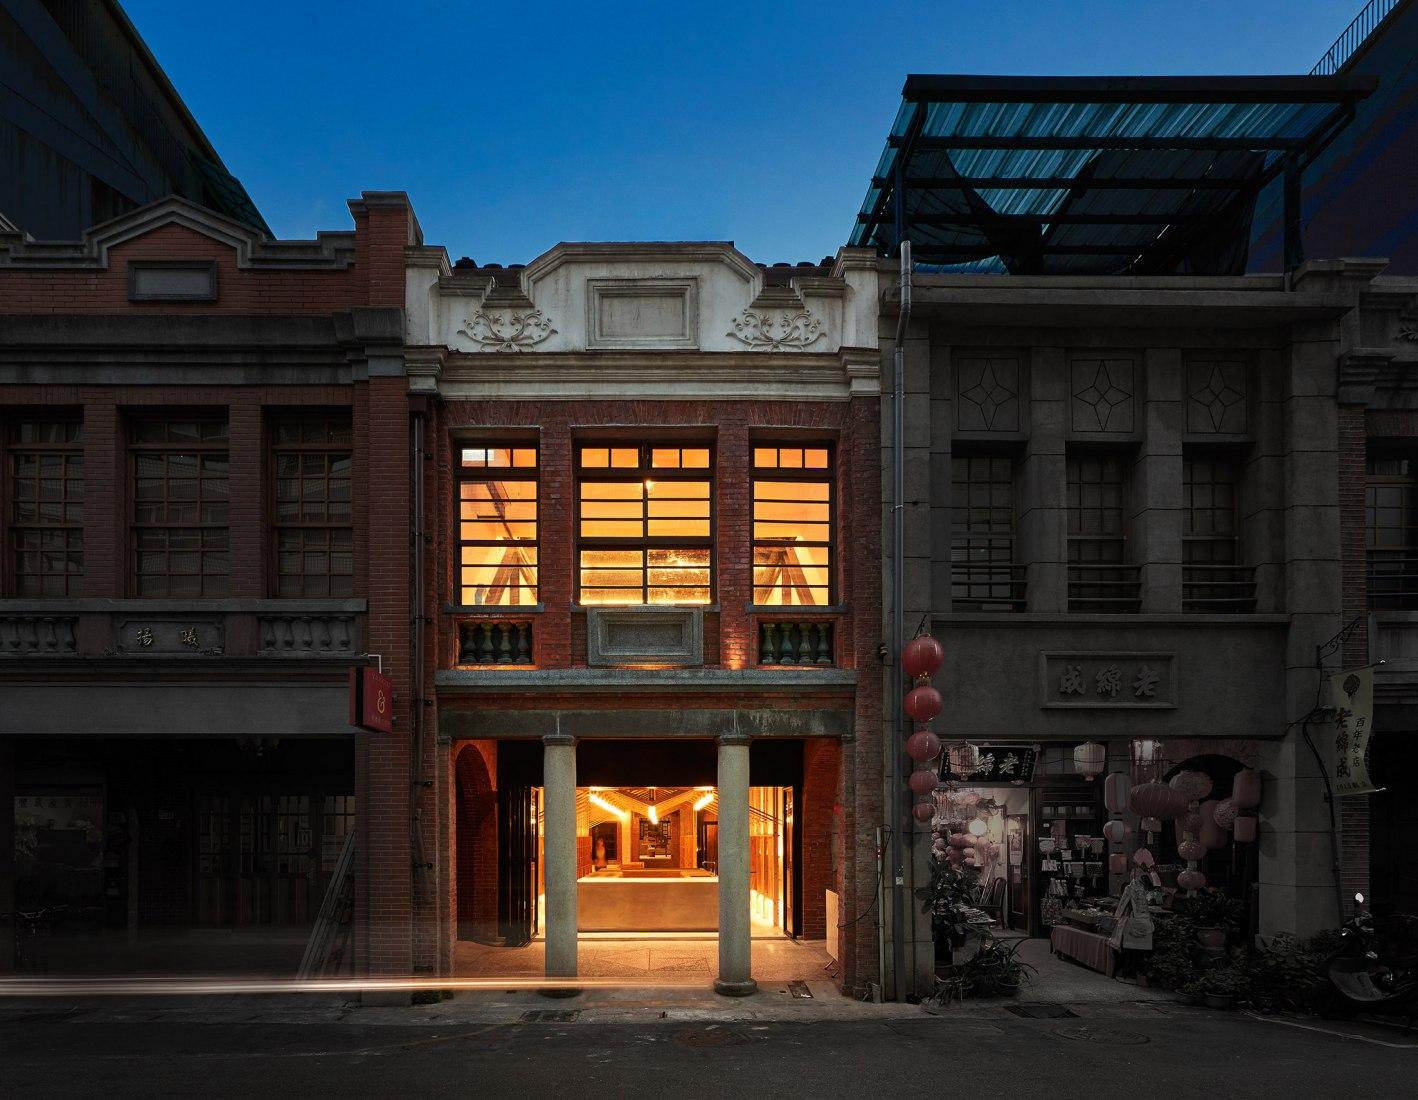 Vista del exterior. Renovación de un antiguo almacén de arroz por B+P Architects. Fotografía © Hey! Cheese